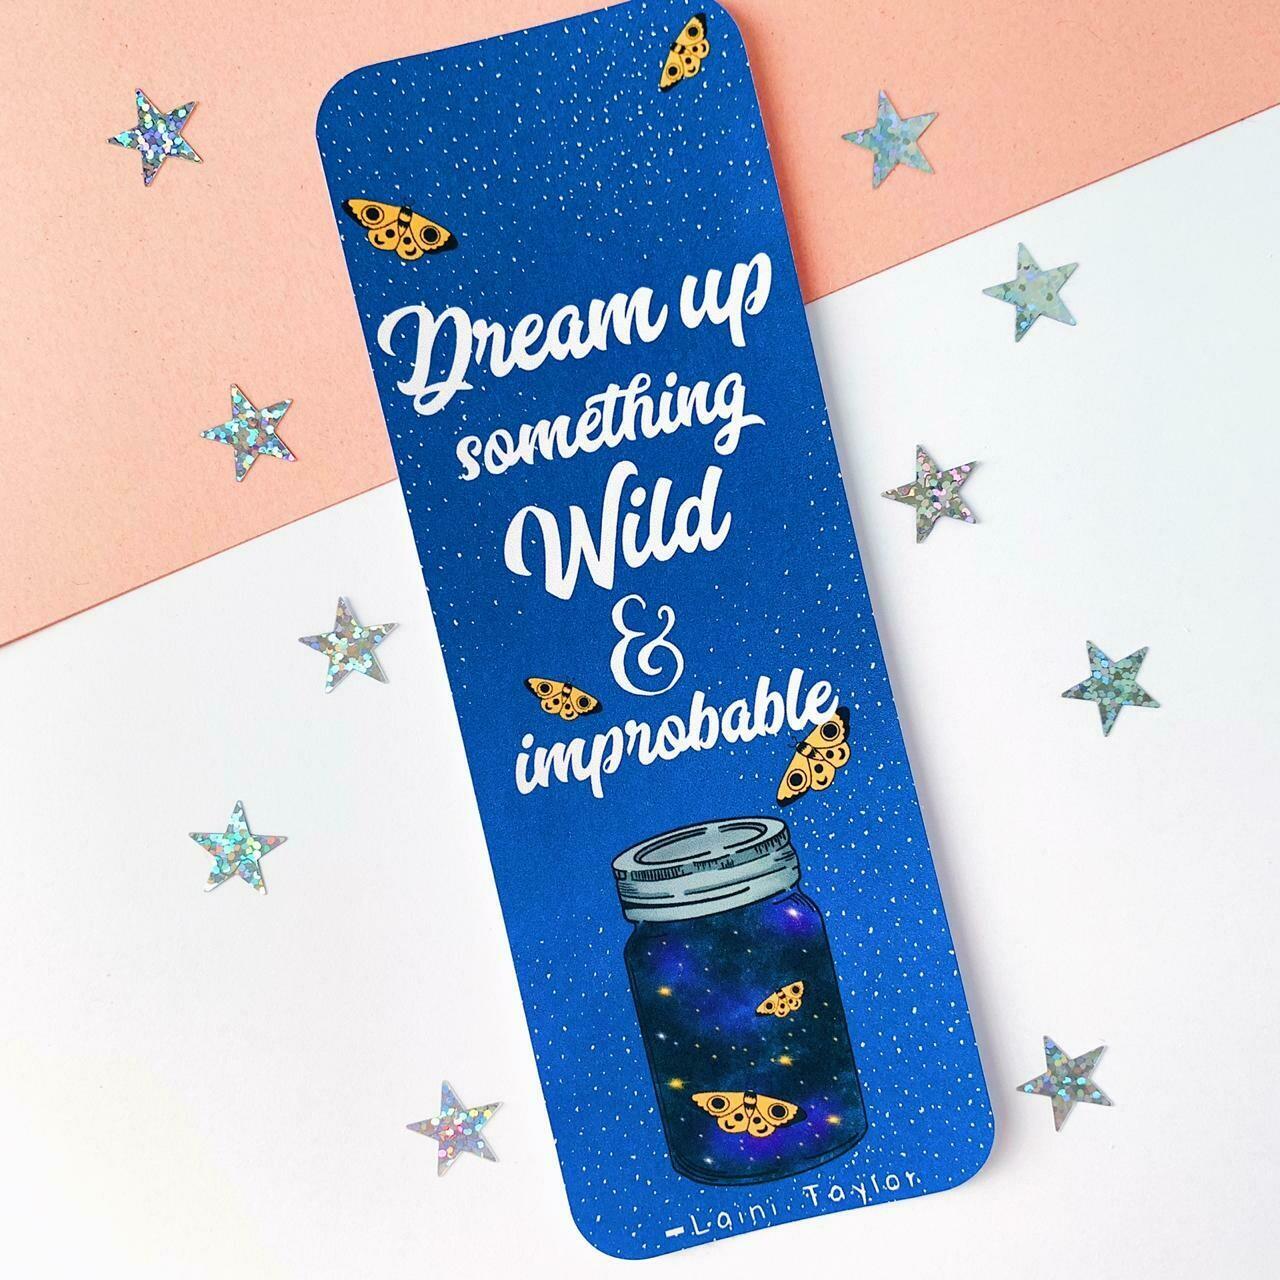 Strange the Dreamer inspired bookmark